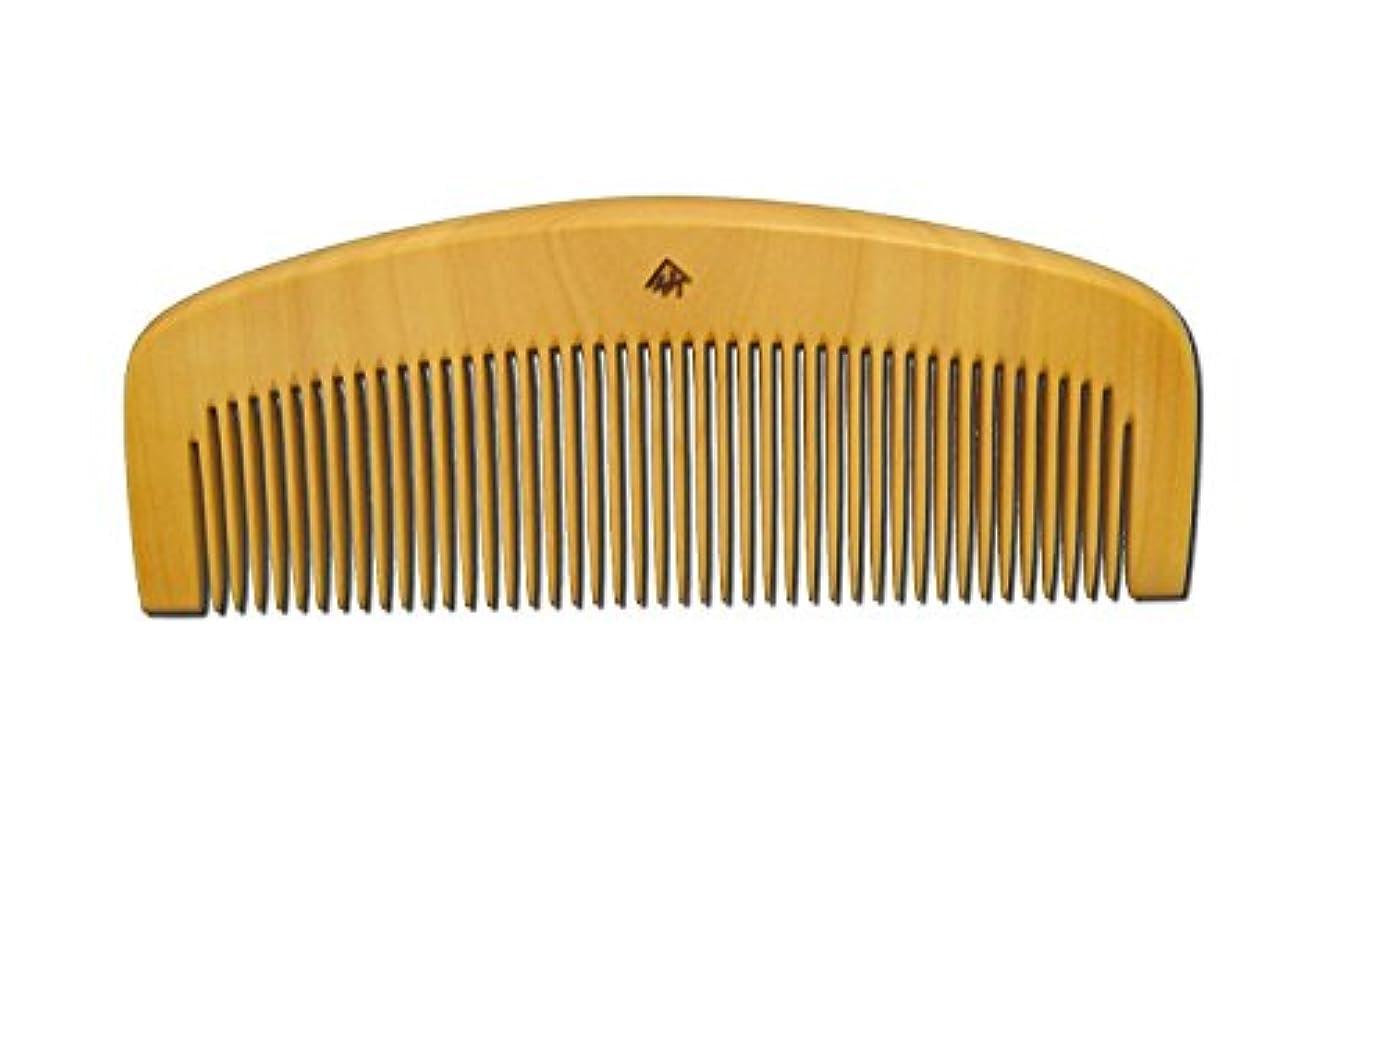 コスチュームアイザック暫定の薩摩つげ櫛 とき櫛 三寸五分 中歯